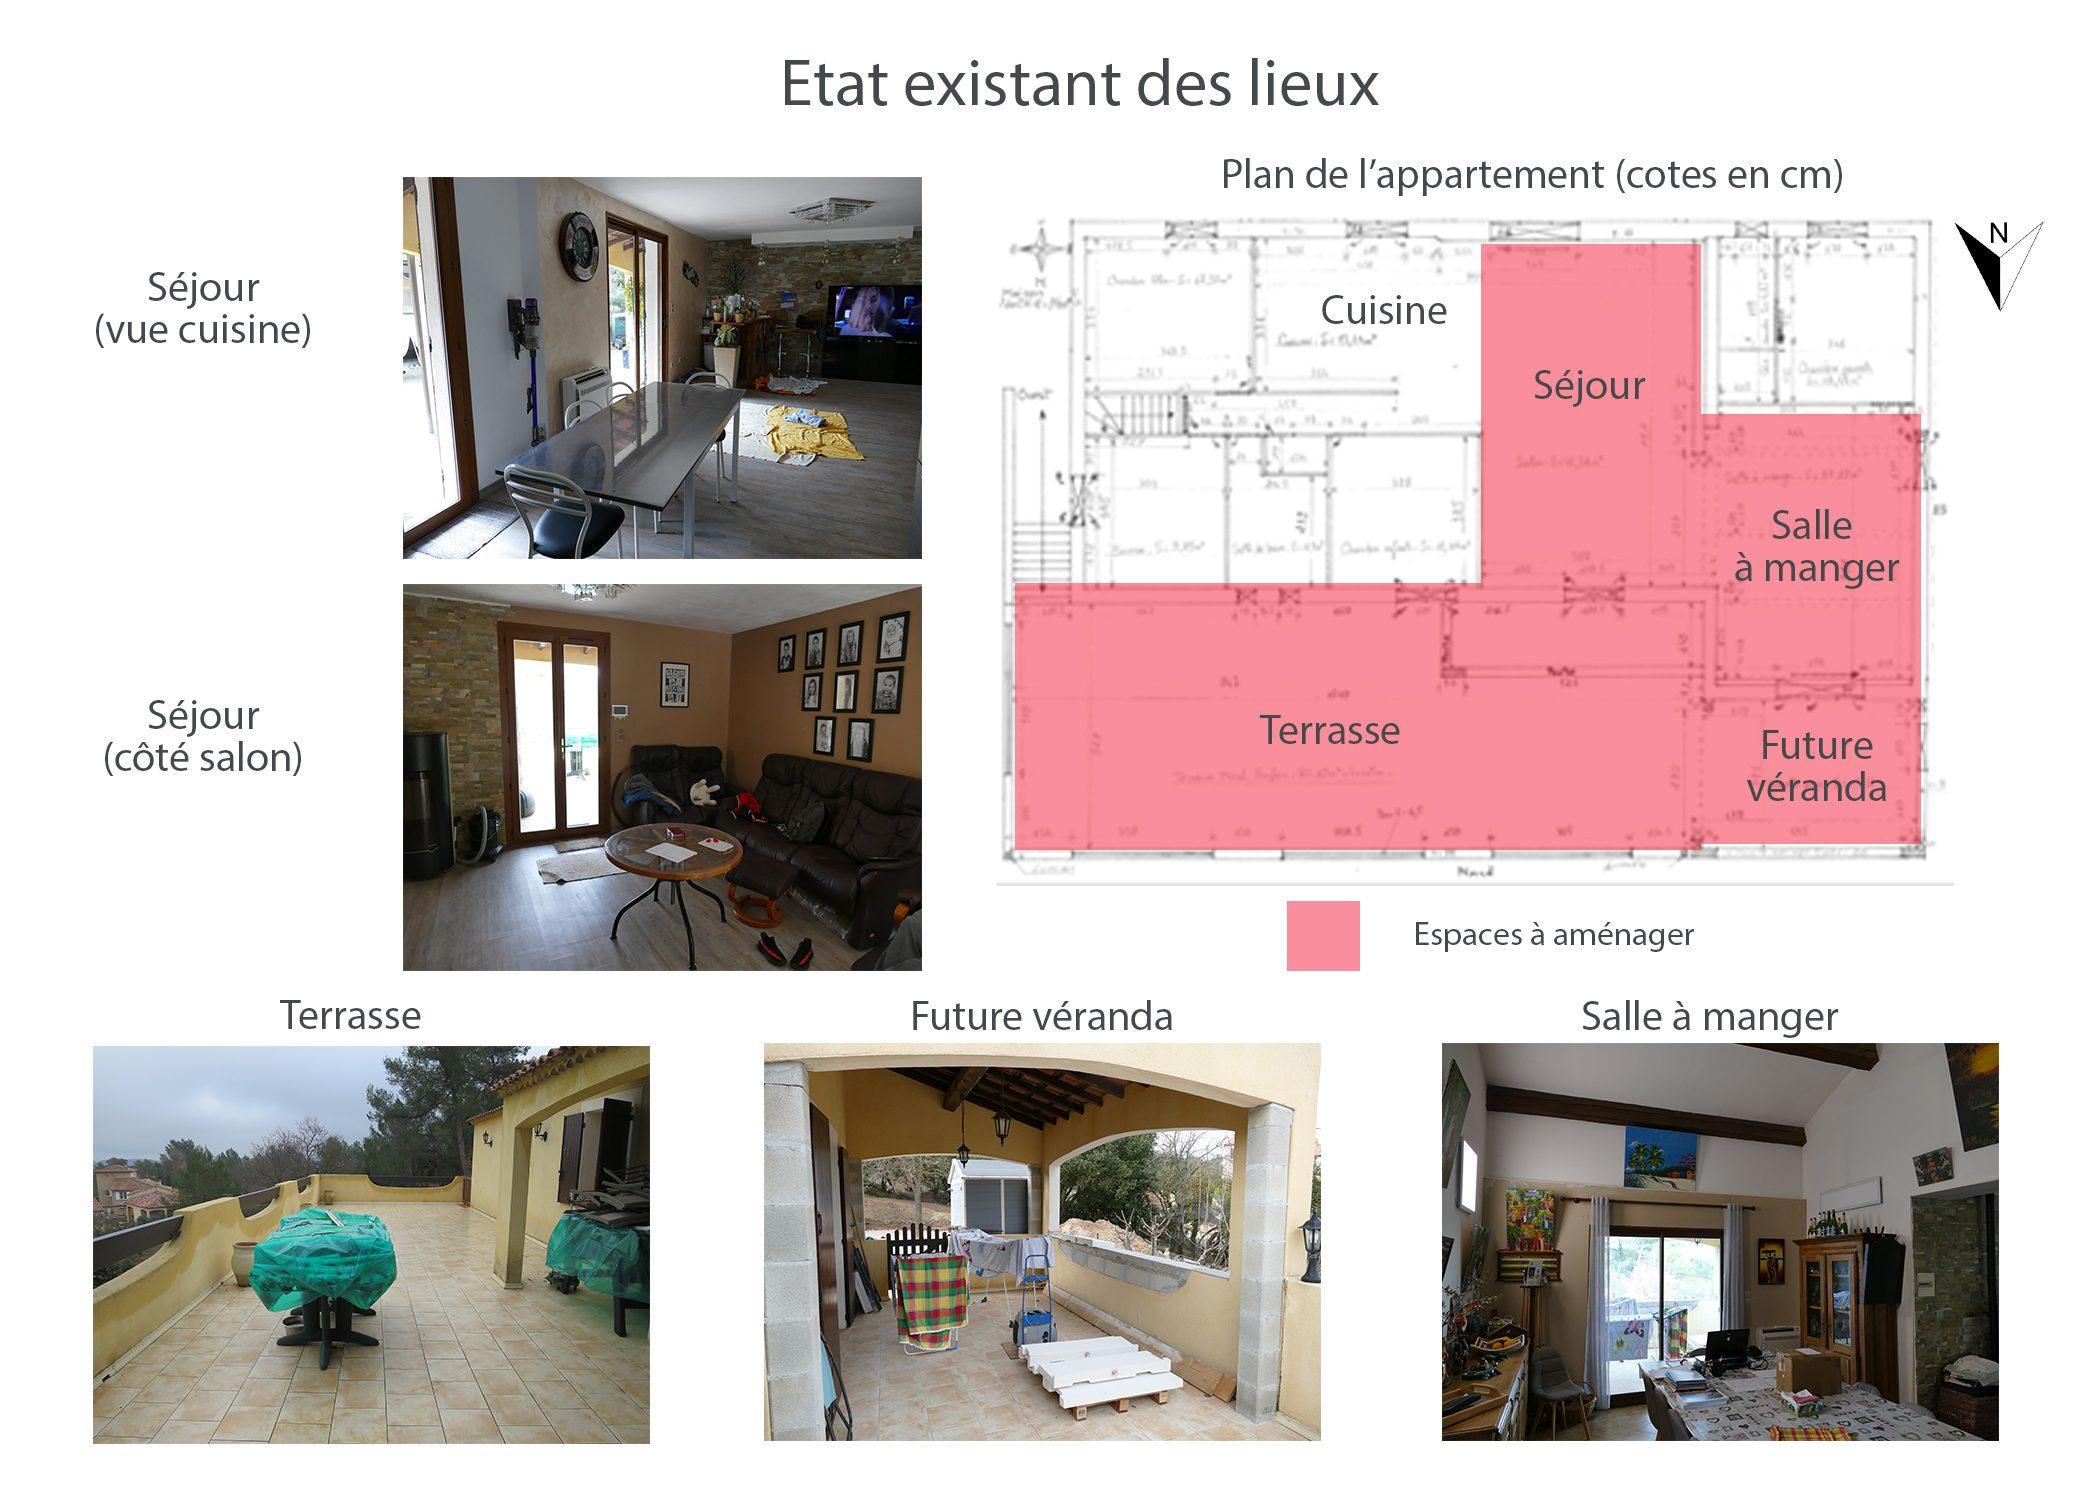 amenagement-decoration-espace de vie et terrasse fuveau-etat existant avant projet-dekho design